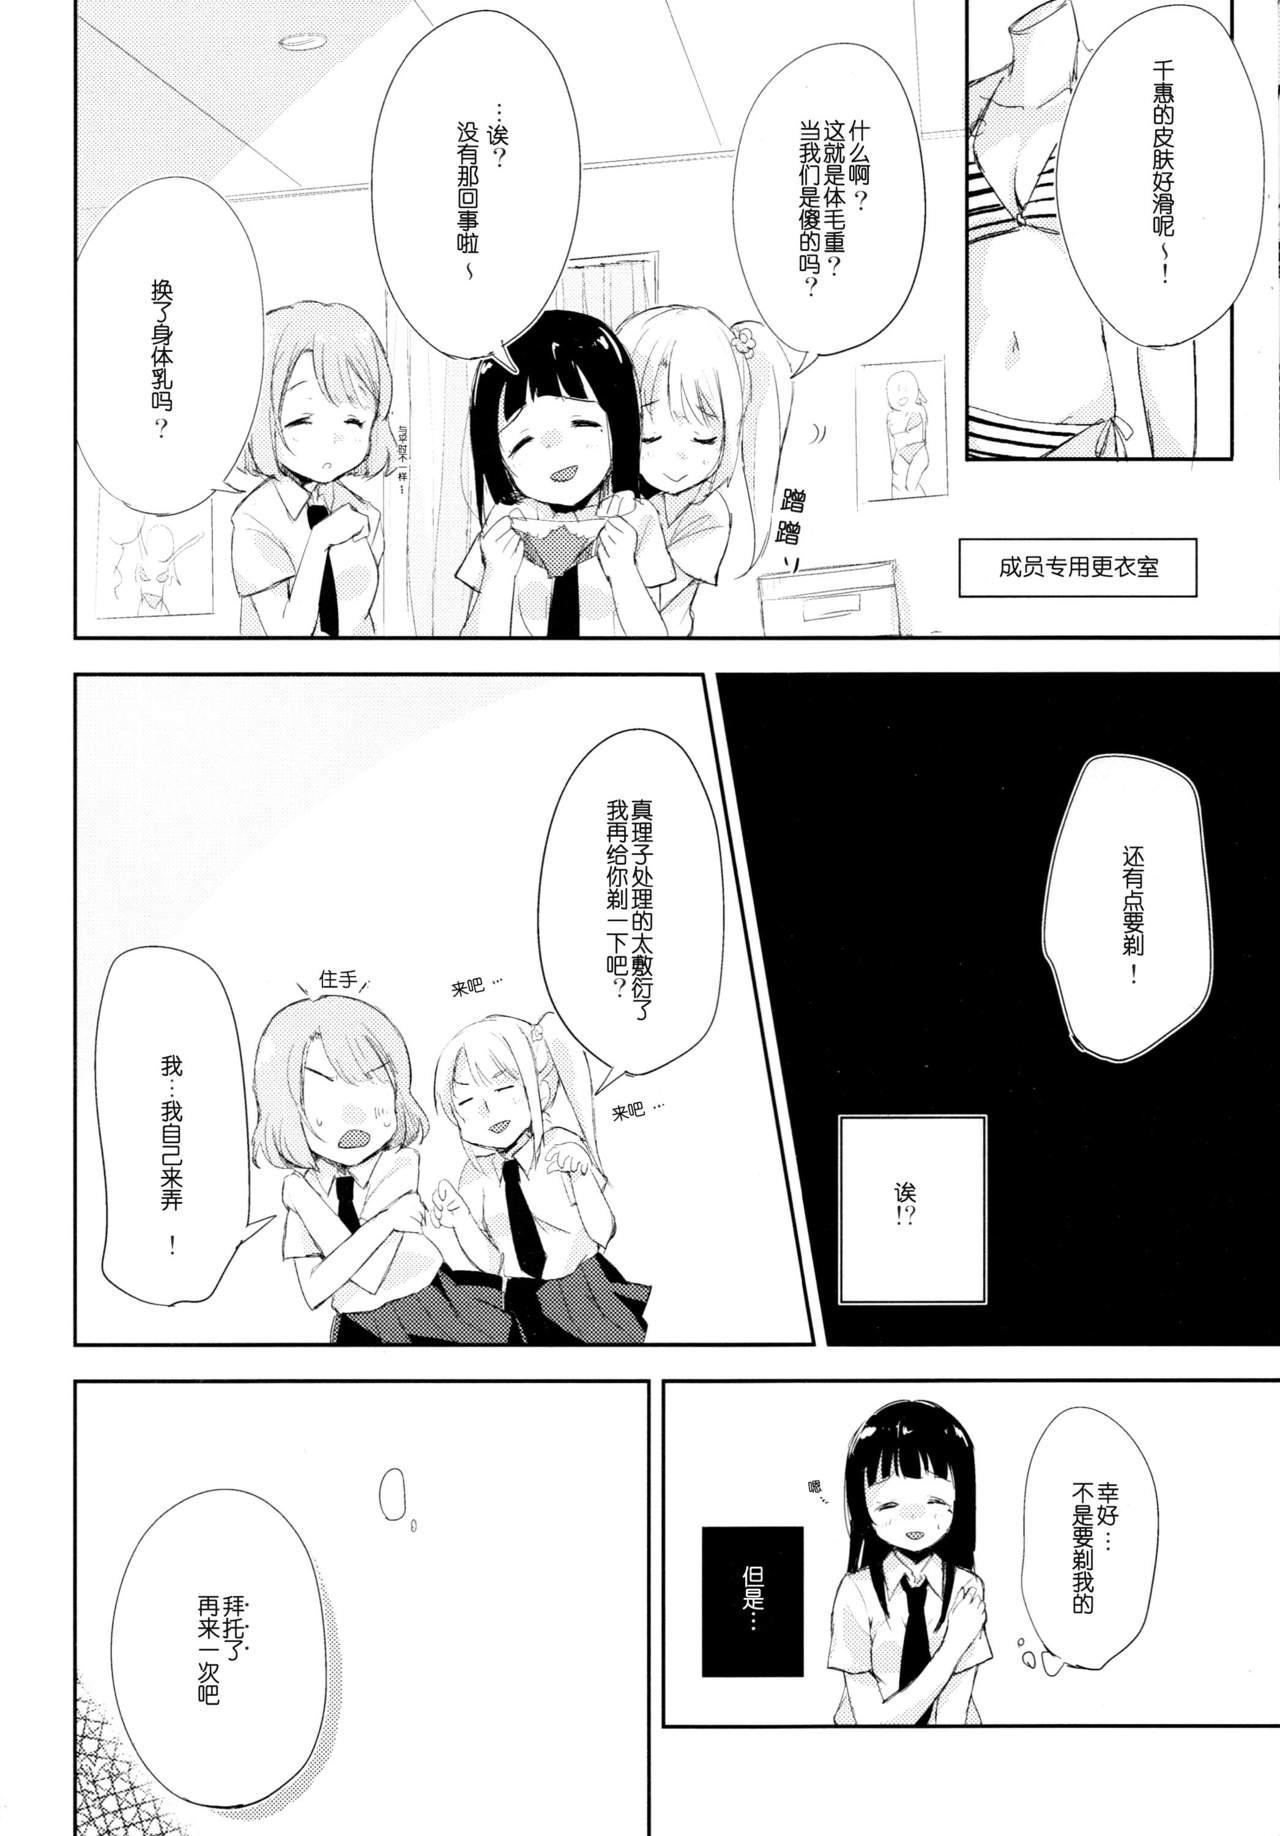 Komorebi ni Oyogu, Natsu no Kaori. 3 22